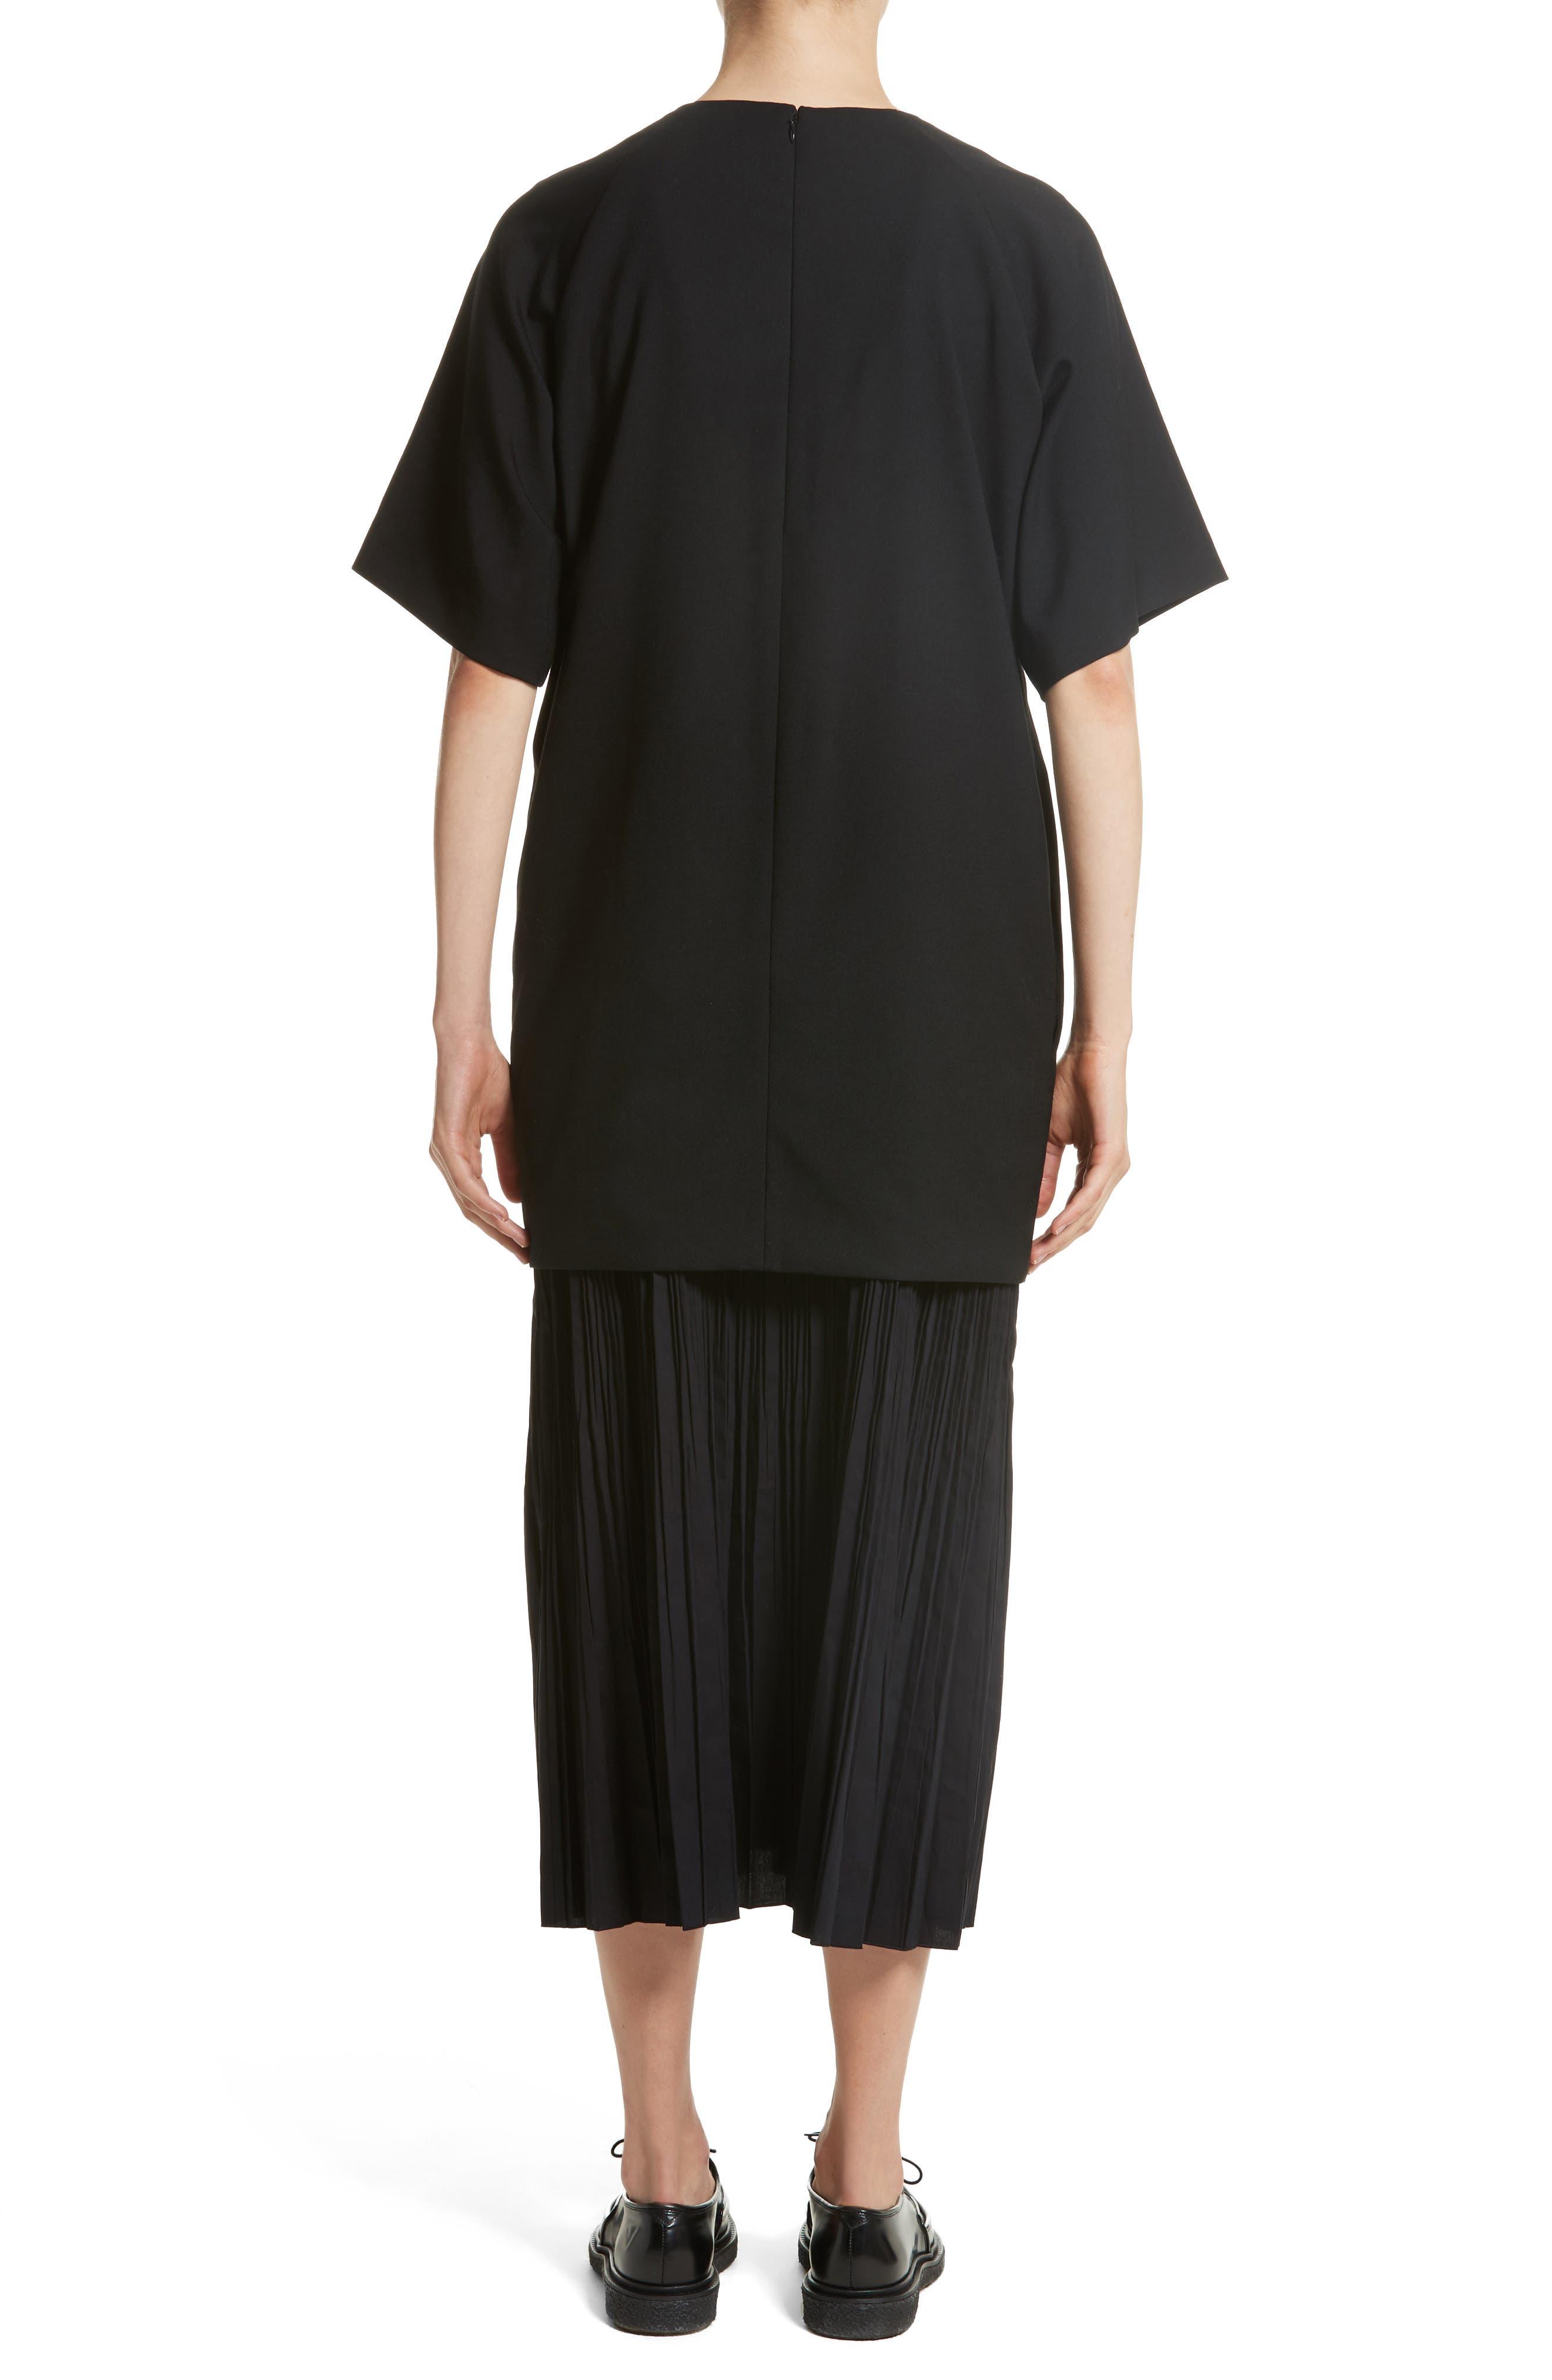 K Bottom Pleated Dress,                             Alternate thumbnail 2, color,                             Black